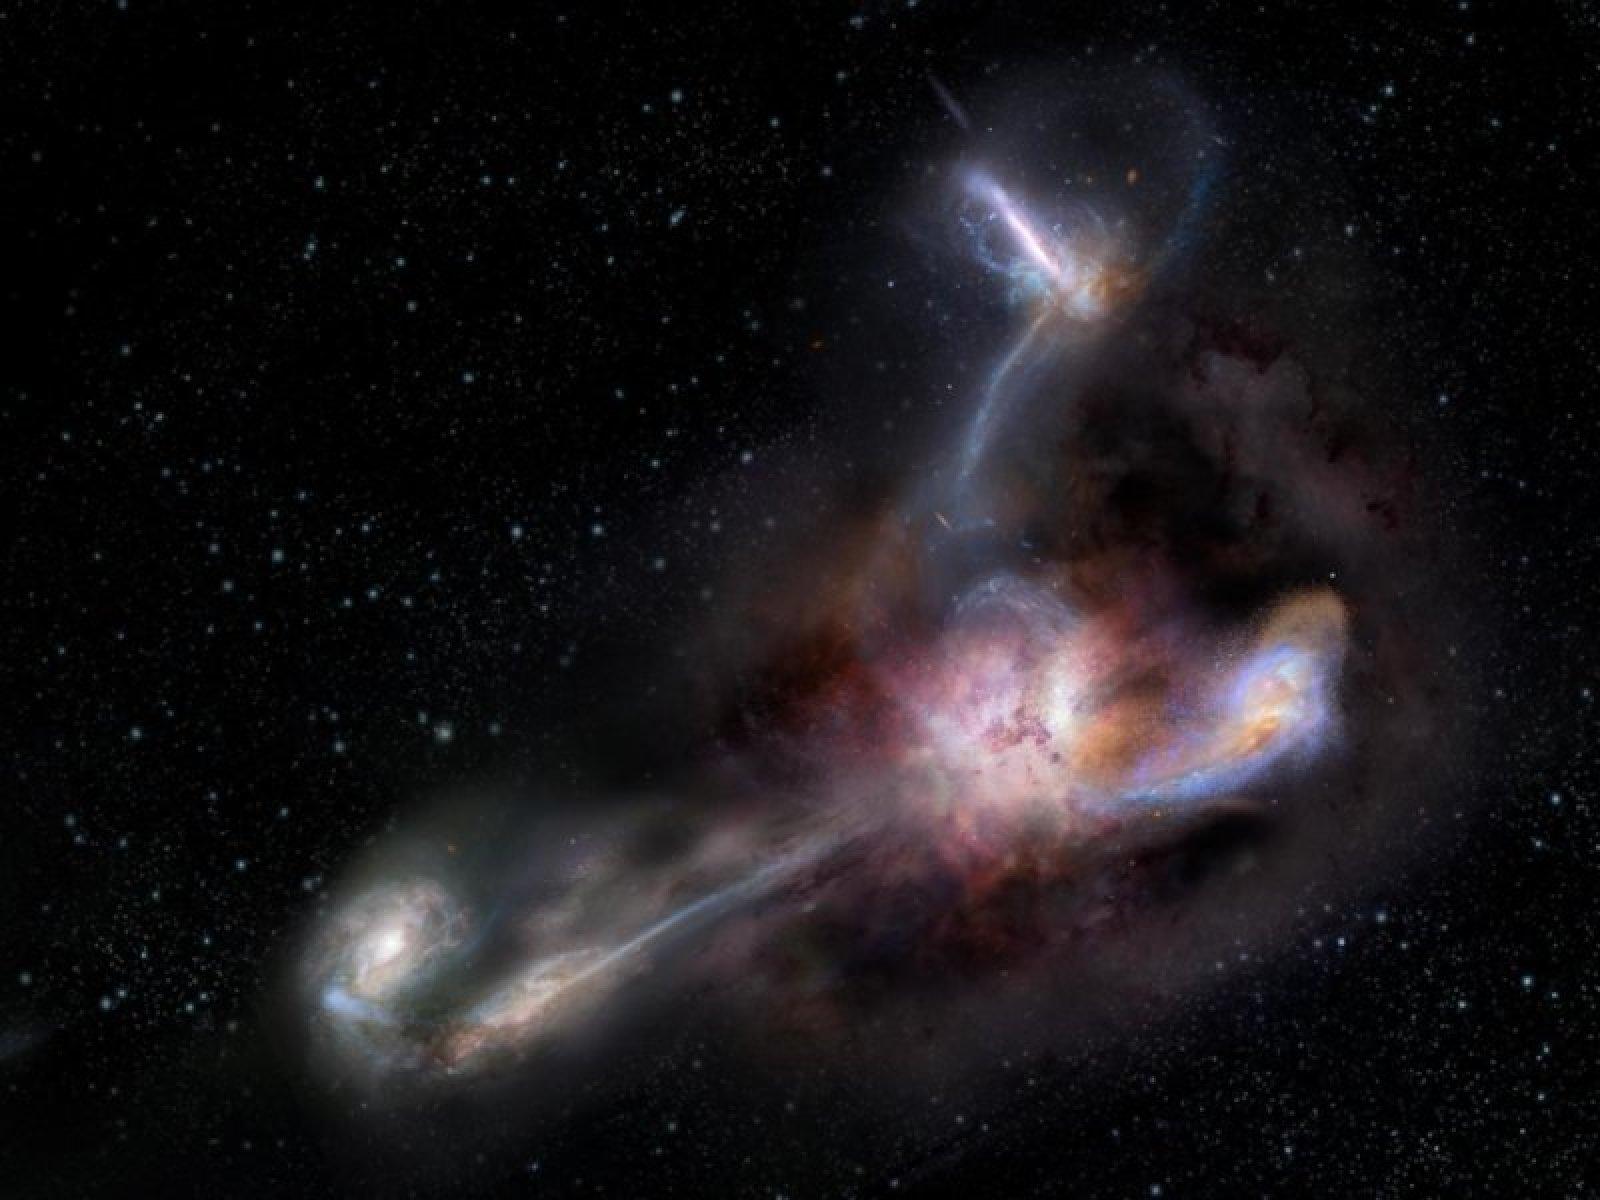 Representació artística de la interacció entre la galàxia gran i les seves companyes